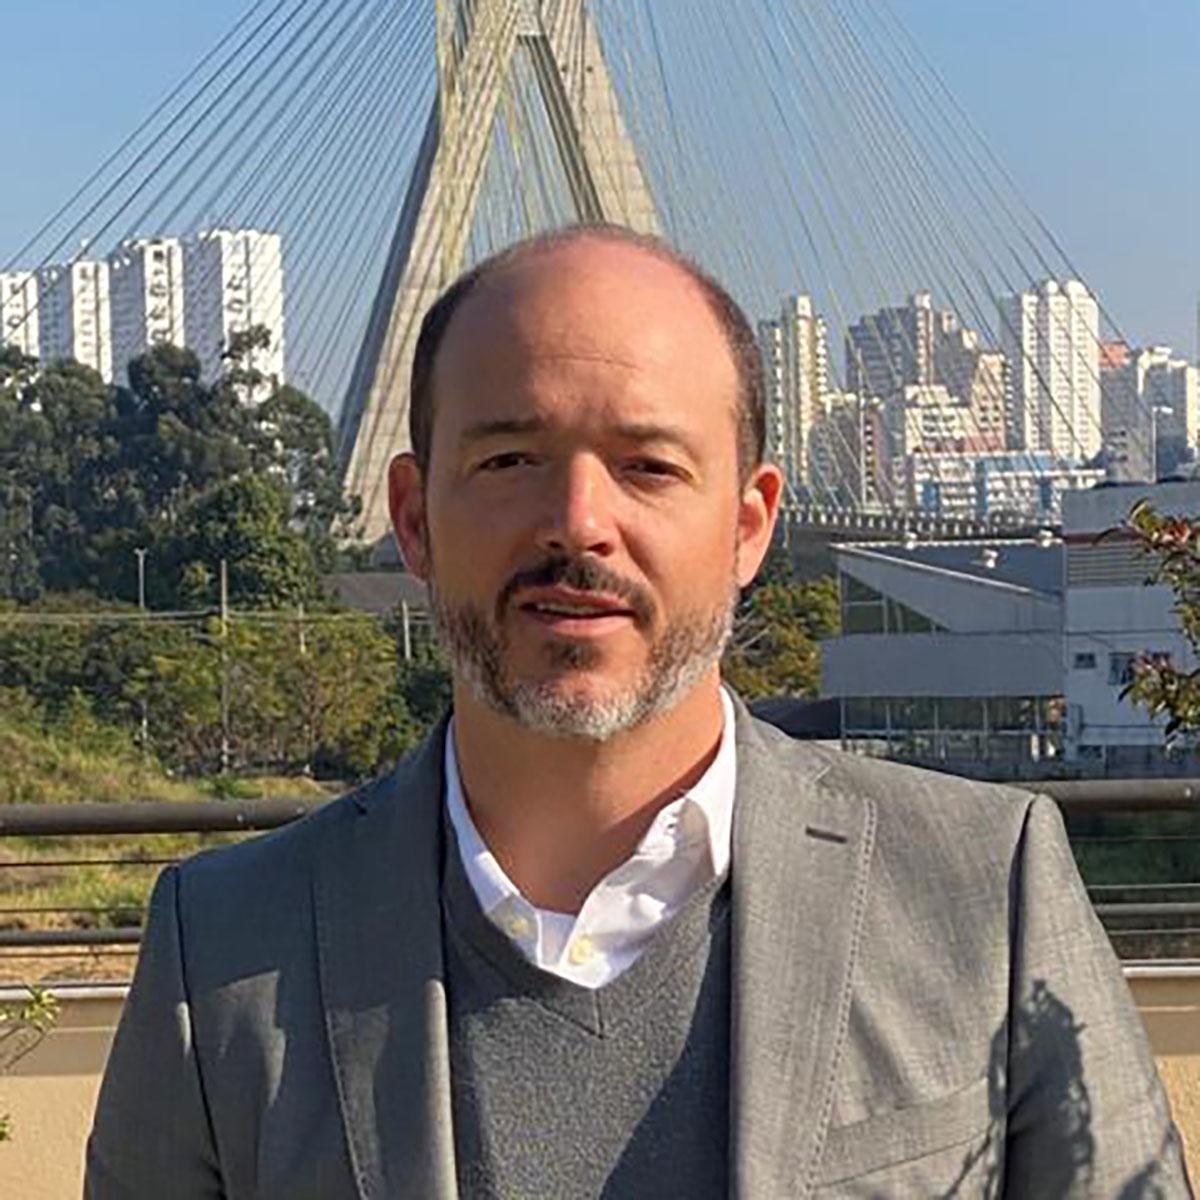 Philipe Candido de Souza Dias